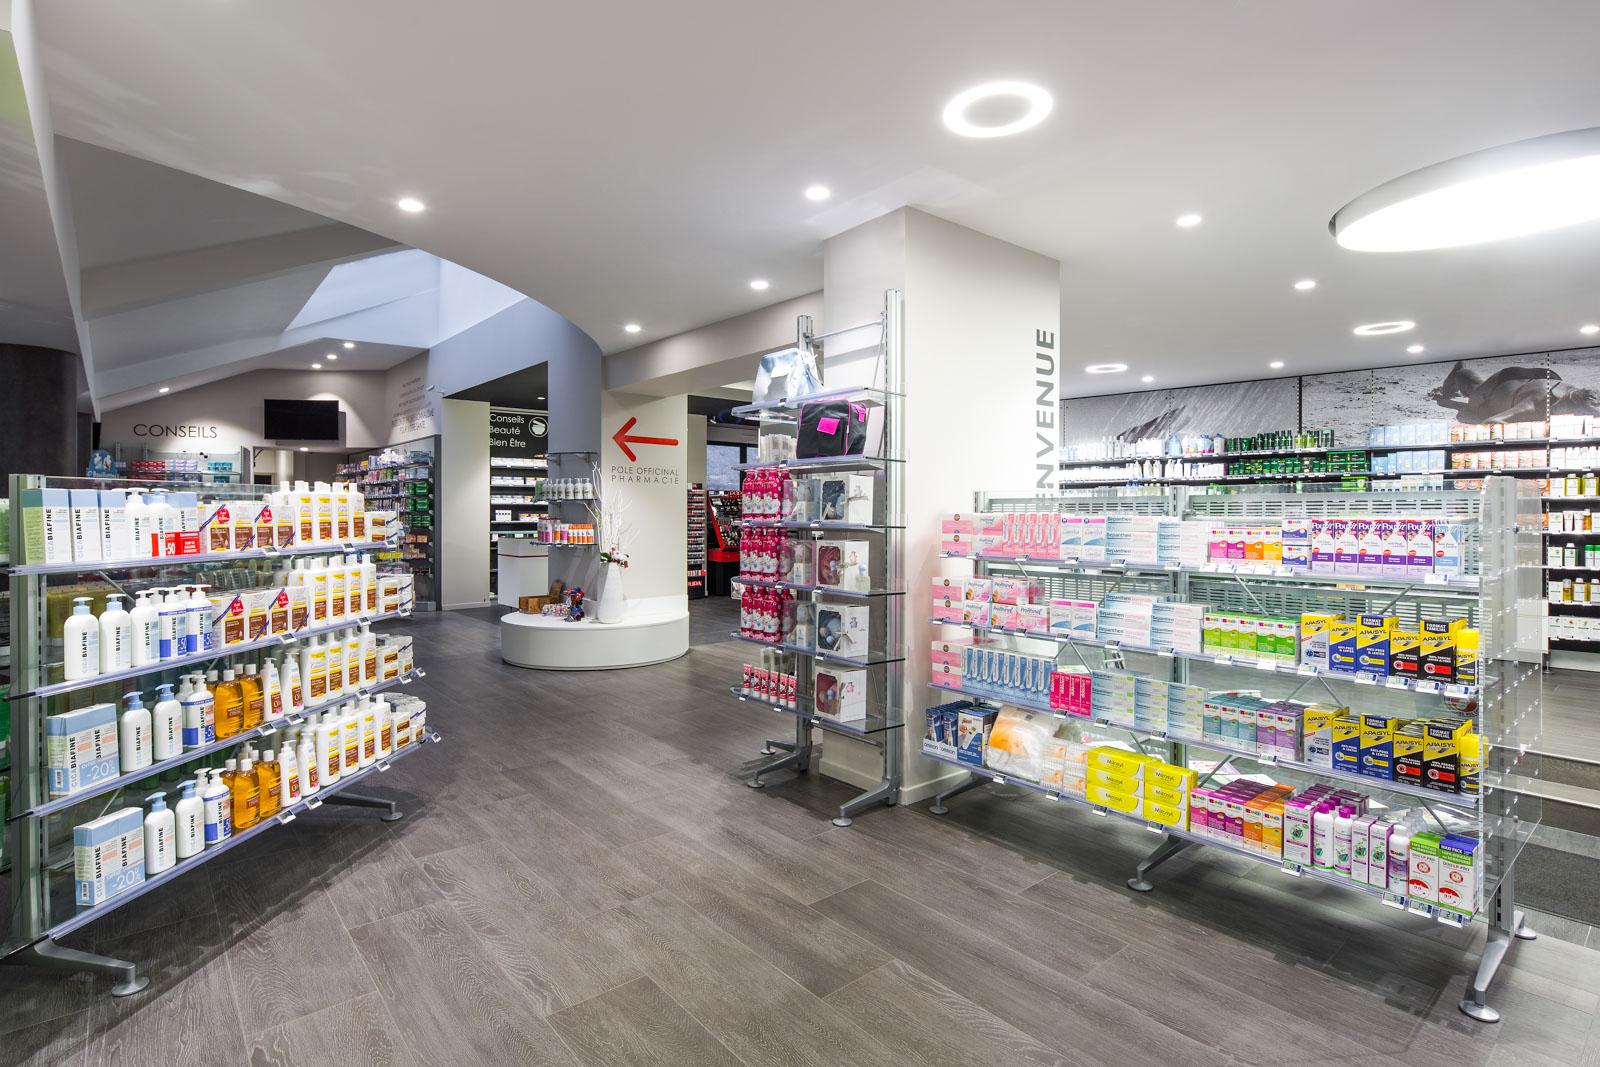 Farmacia Badoc Farmacie Th Kohl Th Kohl # Kohl Muebles Farmacia